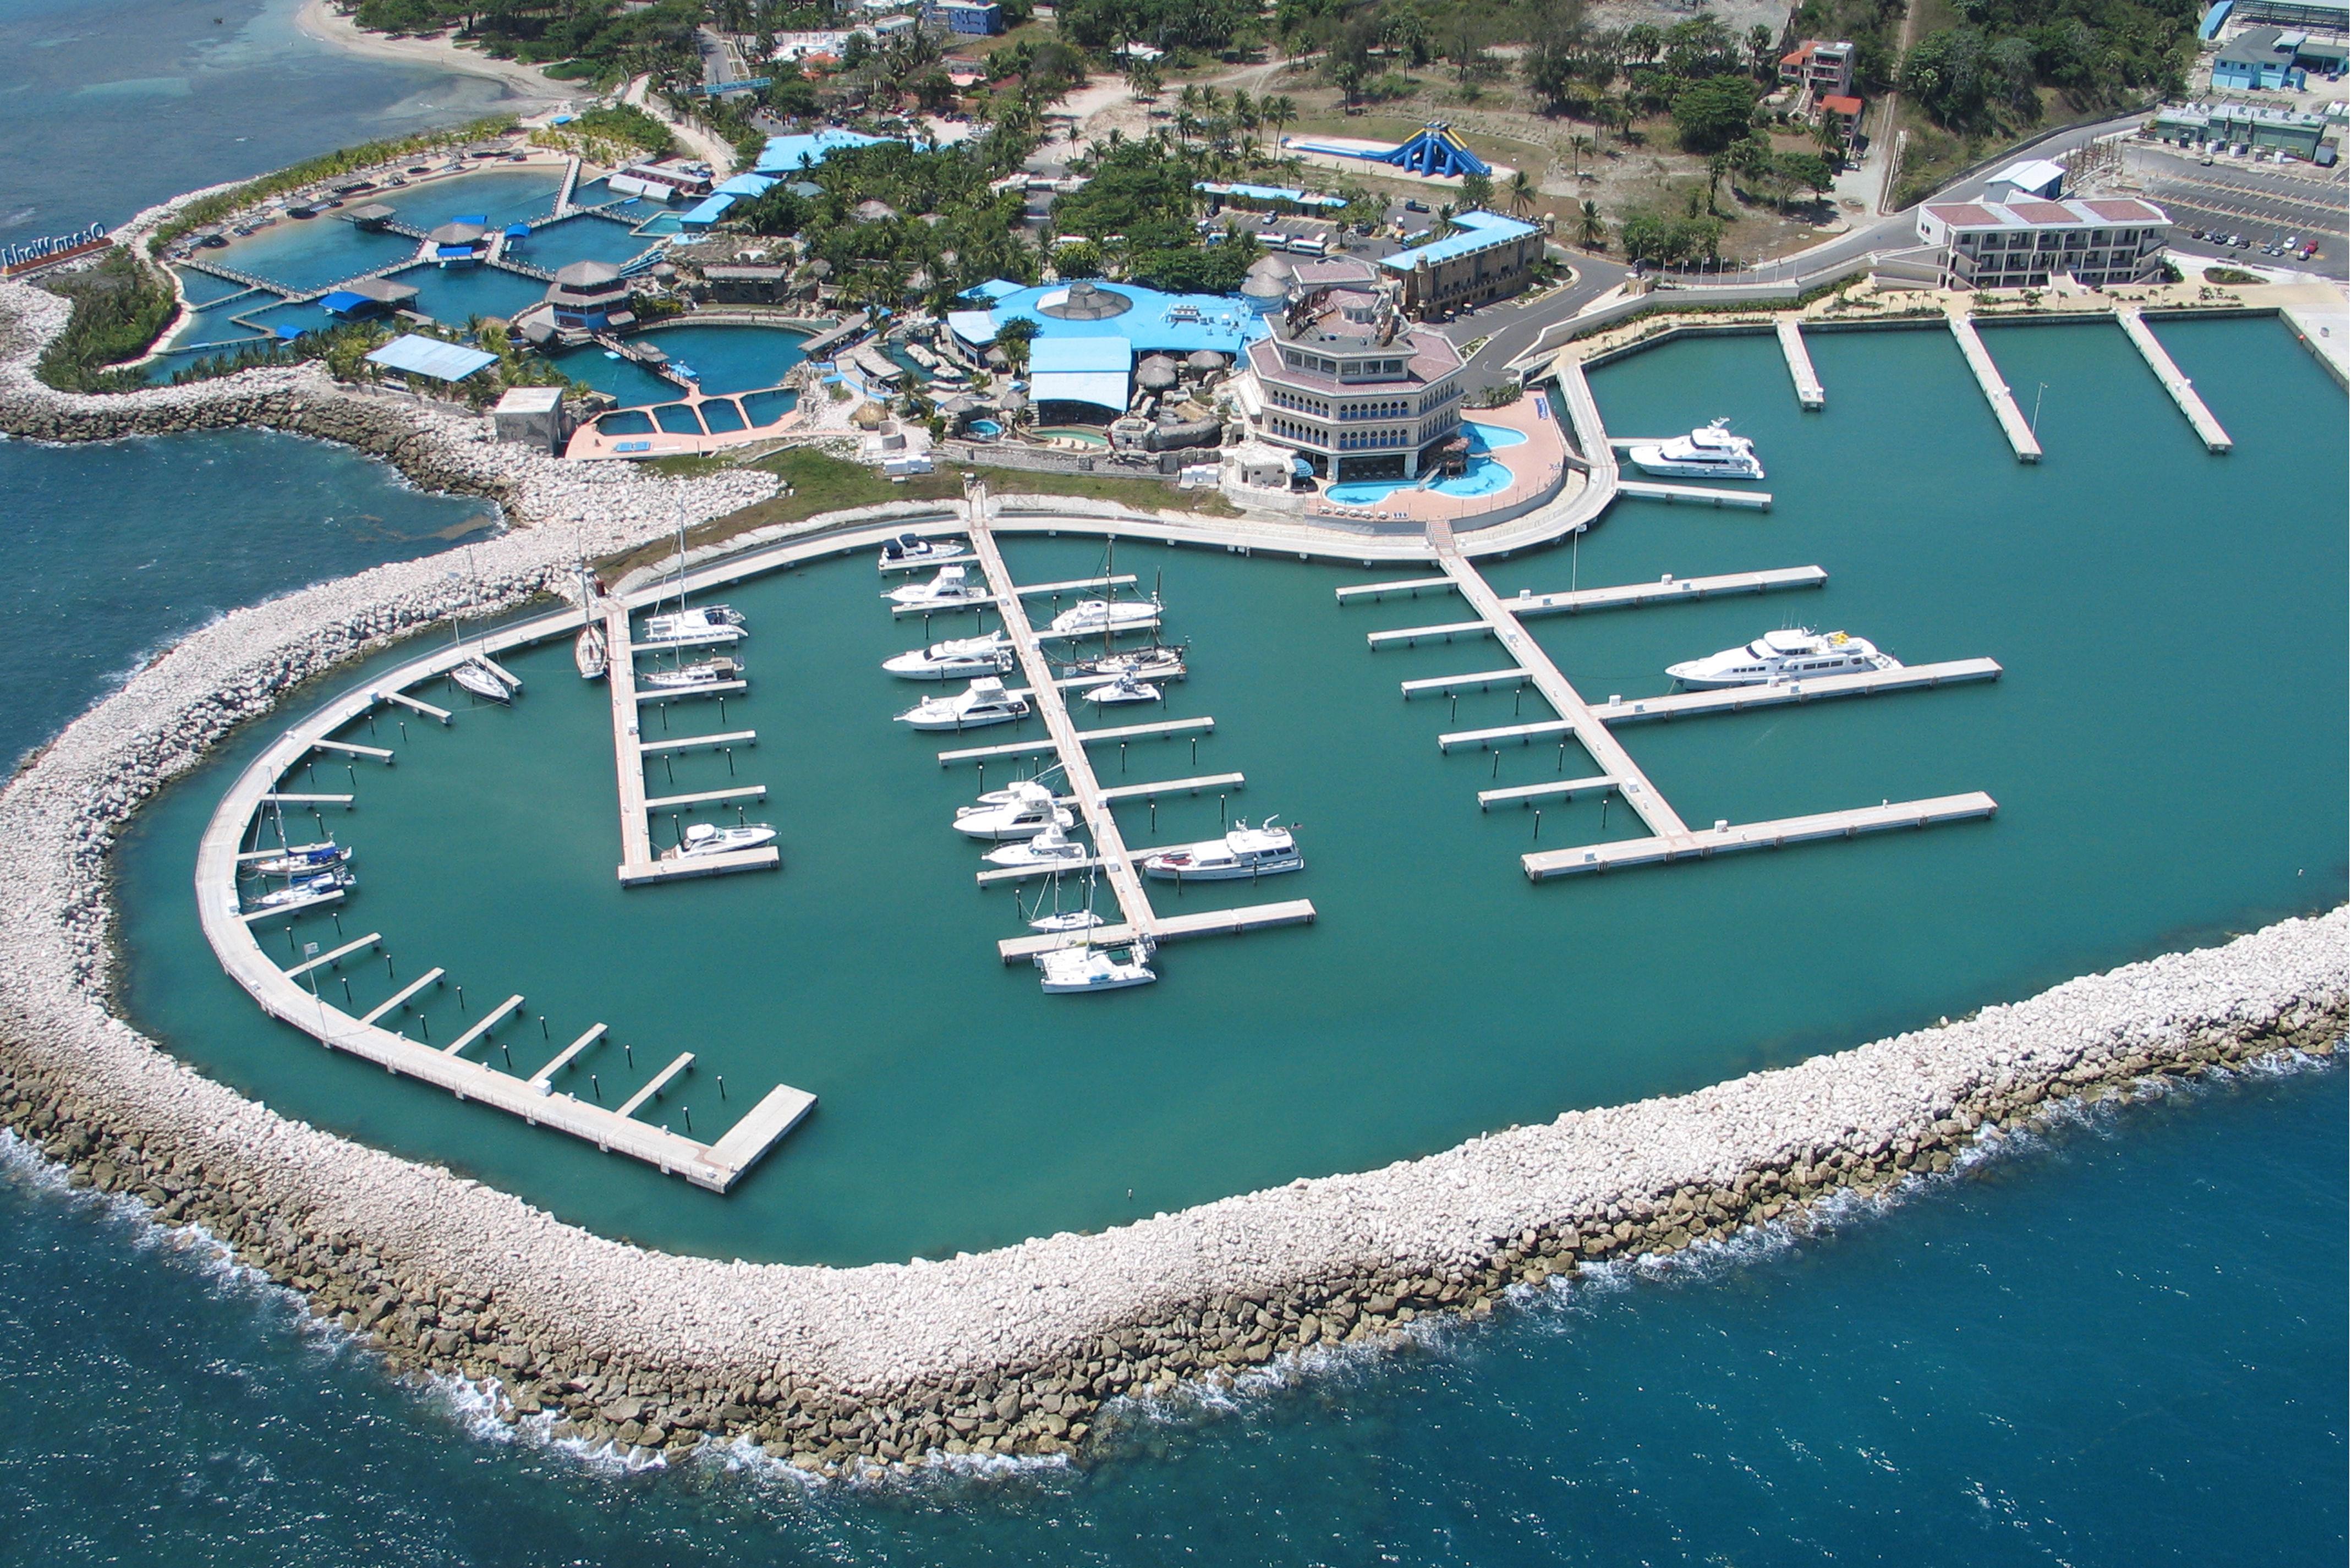 Ocean world adventure park and casino comanche red river casino randlett ok